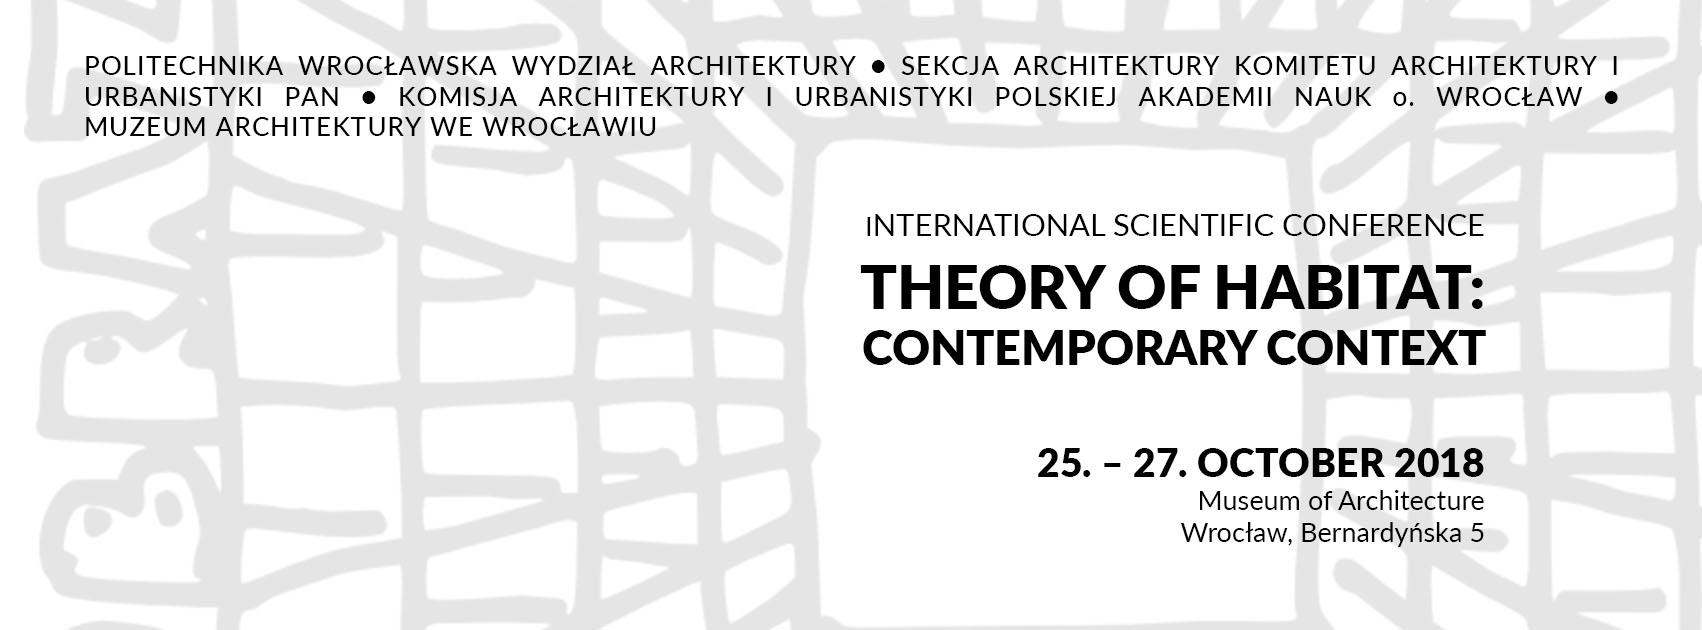 """""""Teoria habitatu: współczesny kontekst"""", Muzeum Architektury we Wrocławiu (źródło: materiały prasowe organizatorów)"""